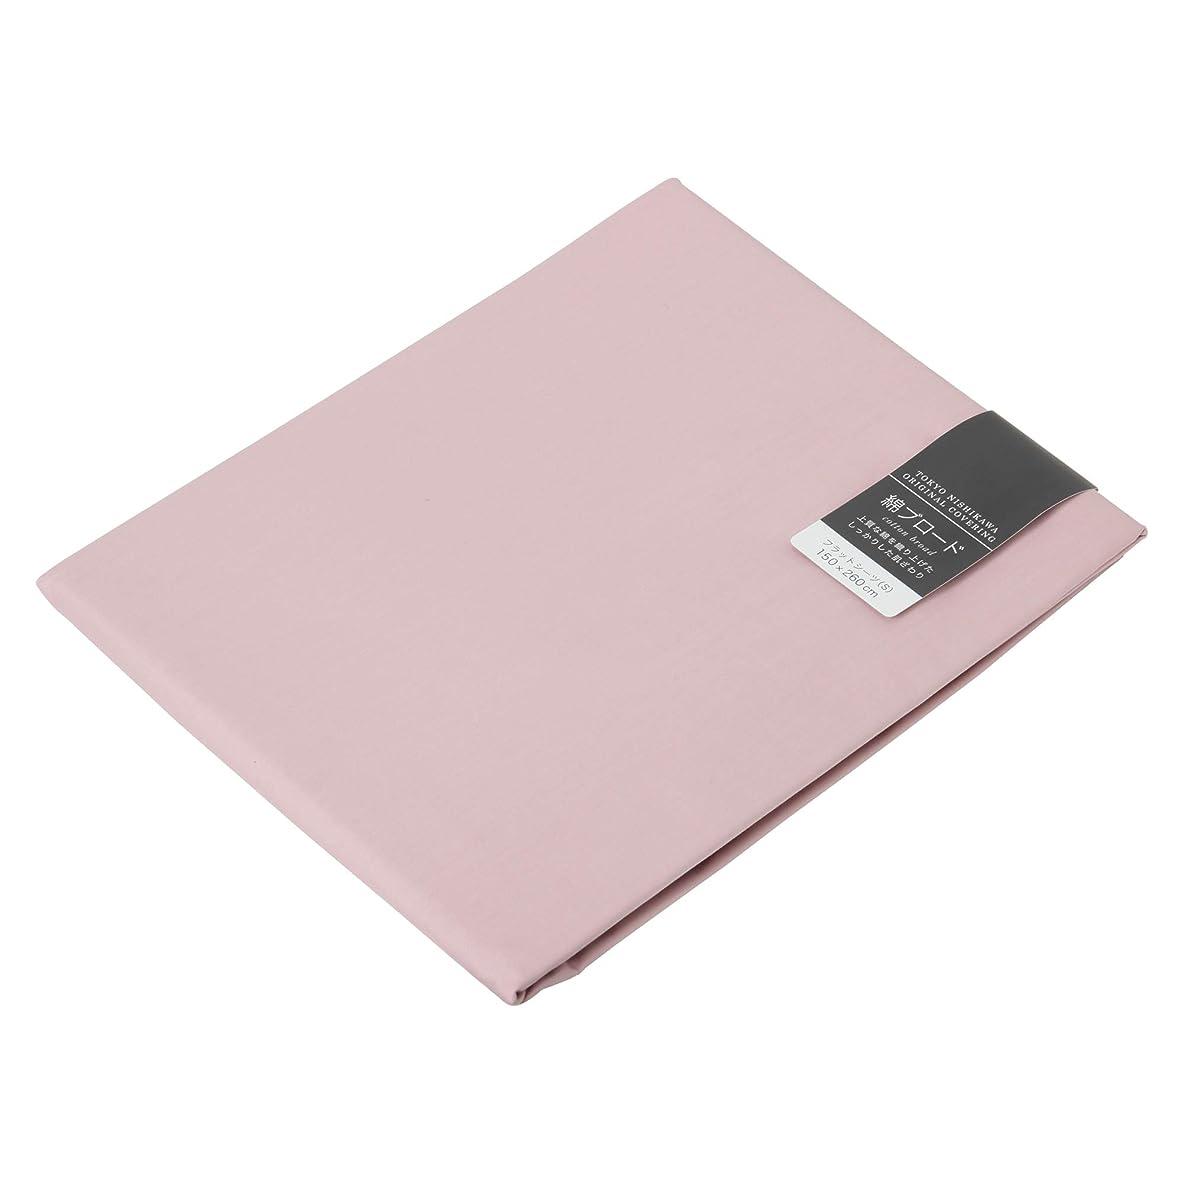 アームストロング乳白色ベンチャー西川(Nishikawa) フラットシーツ ピンク ダブル 日本製 綿100% 厚さ35cmまでに対応 吸水性 ボーテ PK27551043NP